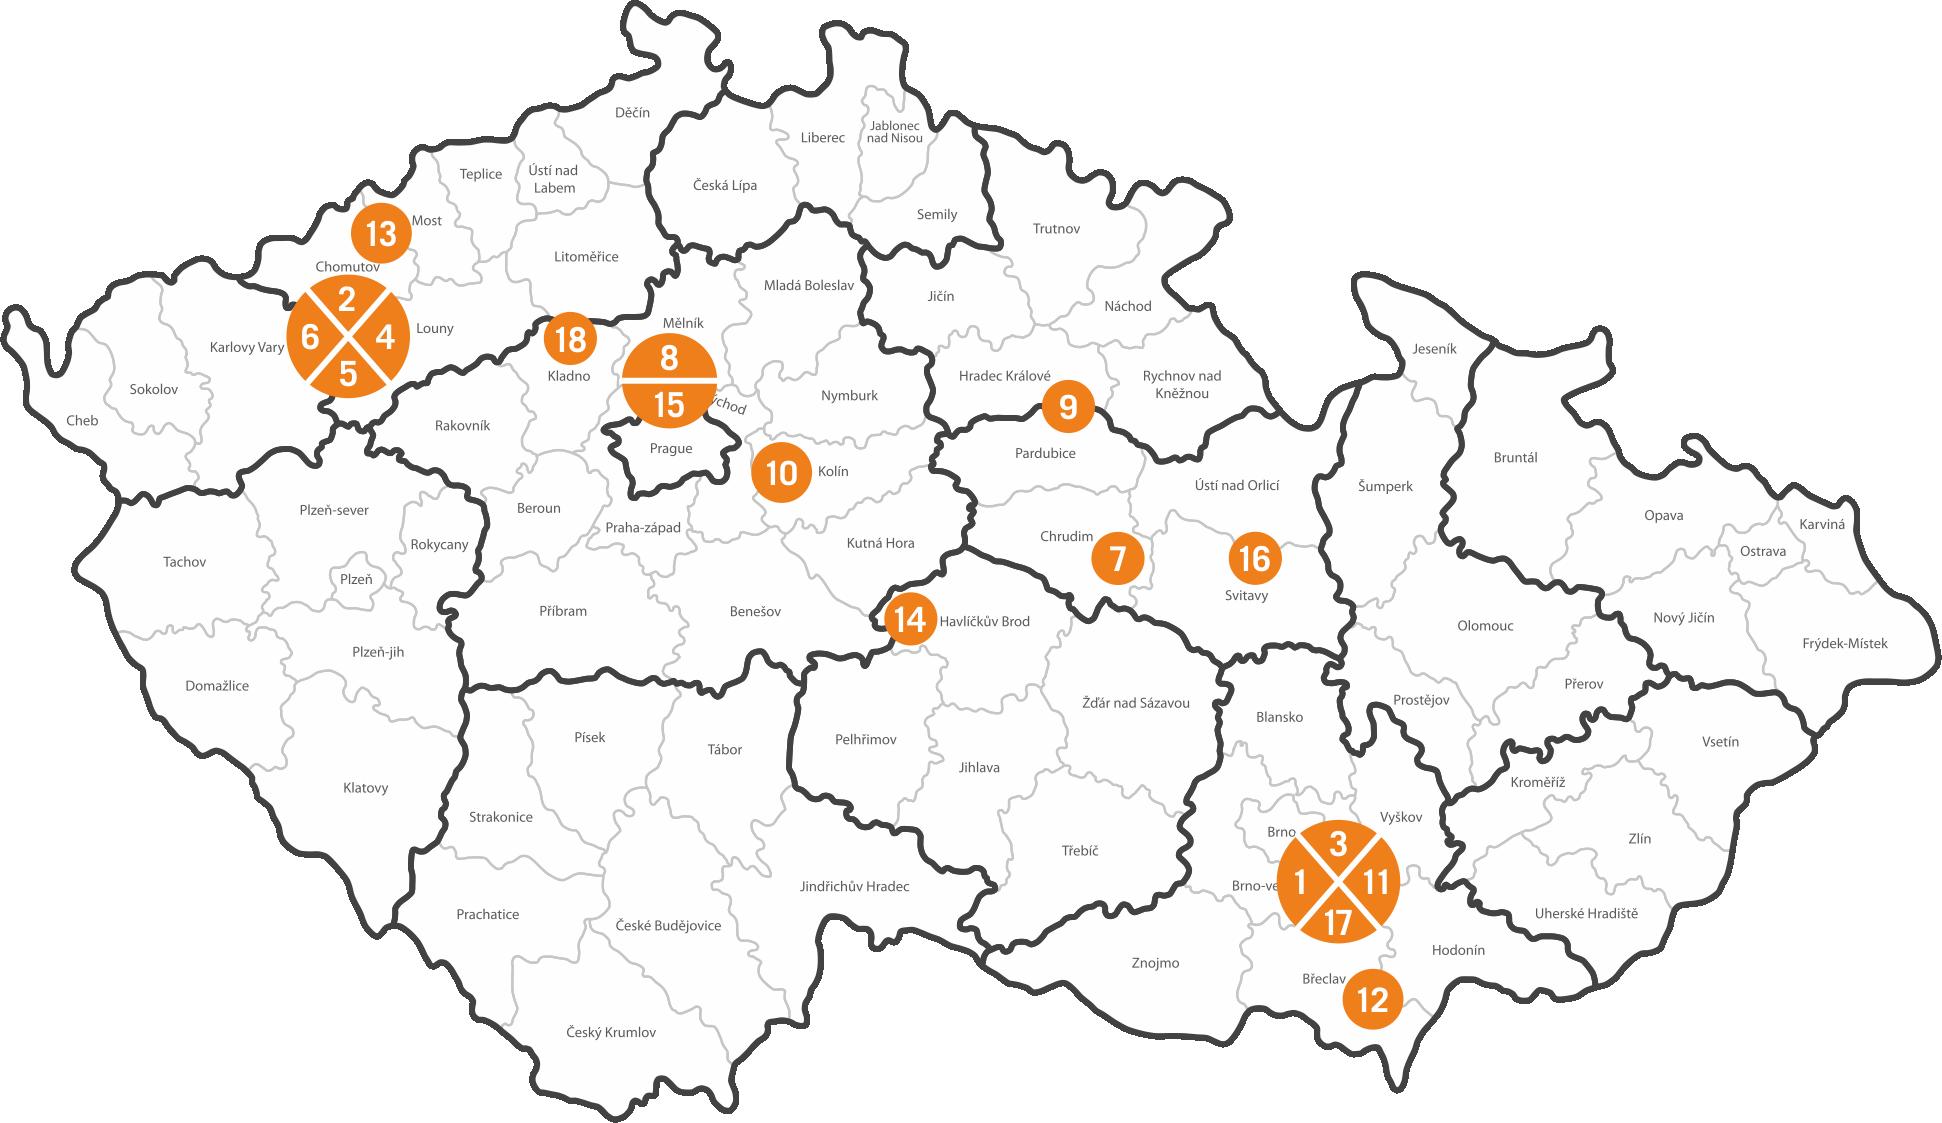 Mapy EPIMEX Servisni Tym